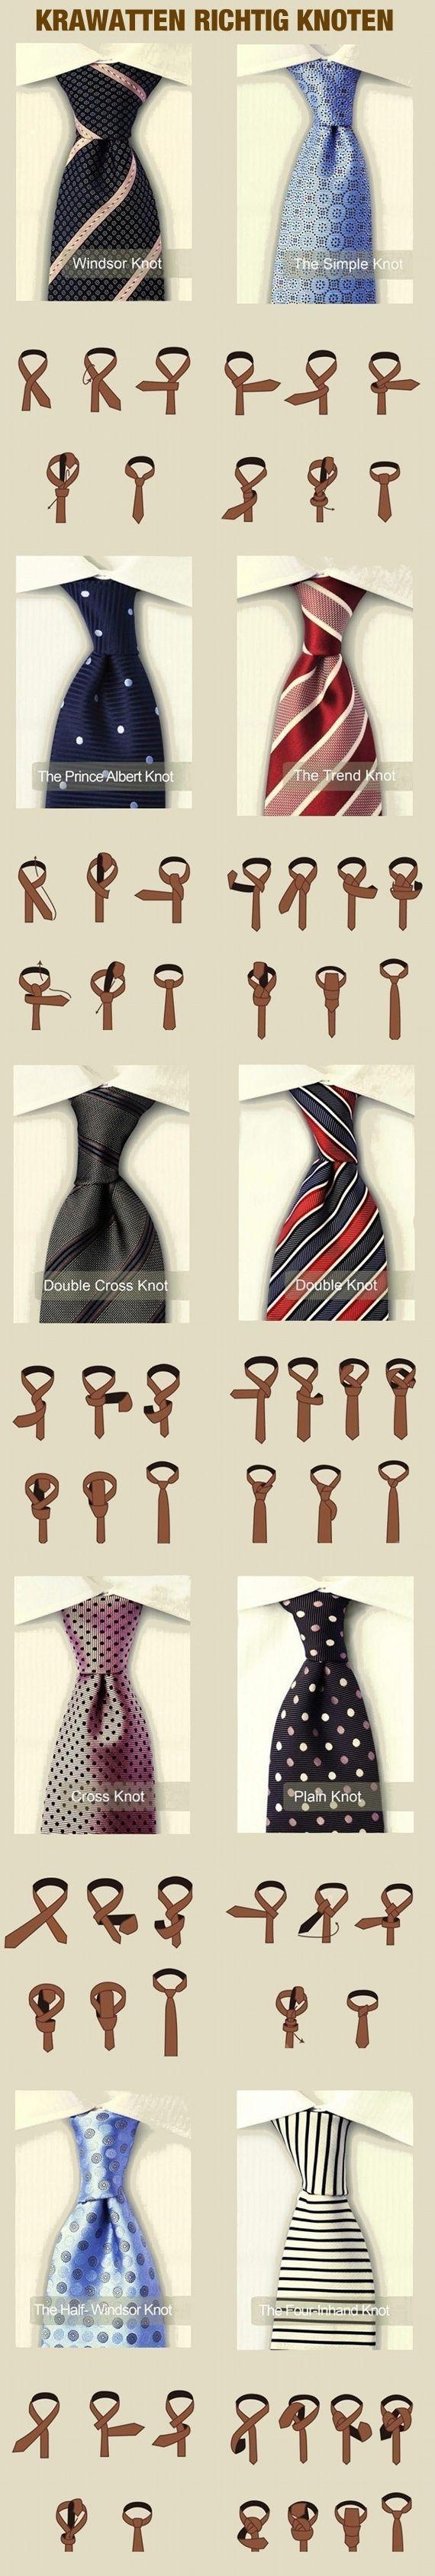 Infografik: Krawatten richtig knoten Wer mit der Bindetechnik der verschiedenen Krawattenknoten noch nicht so vertraut ist, kann diese Infografik sehr nützen! Und wer sich lieber ein Video ansieht, um die Bindetechnik zu lernen, kann hier reinschauen: http://youtu.be/AqVjwJbvZpQ (Quelle: karrierebibel.de)